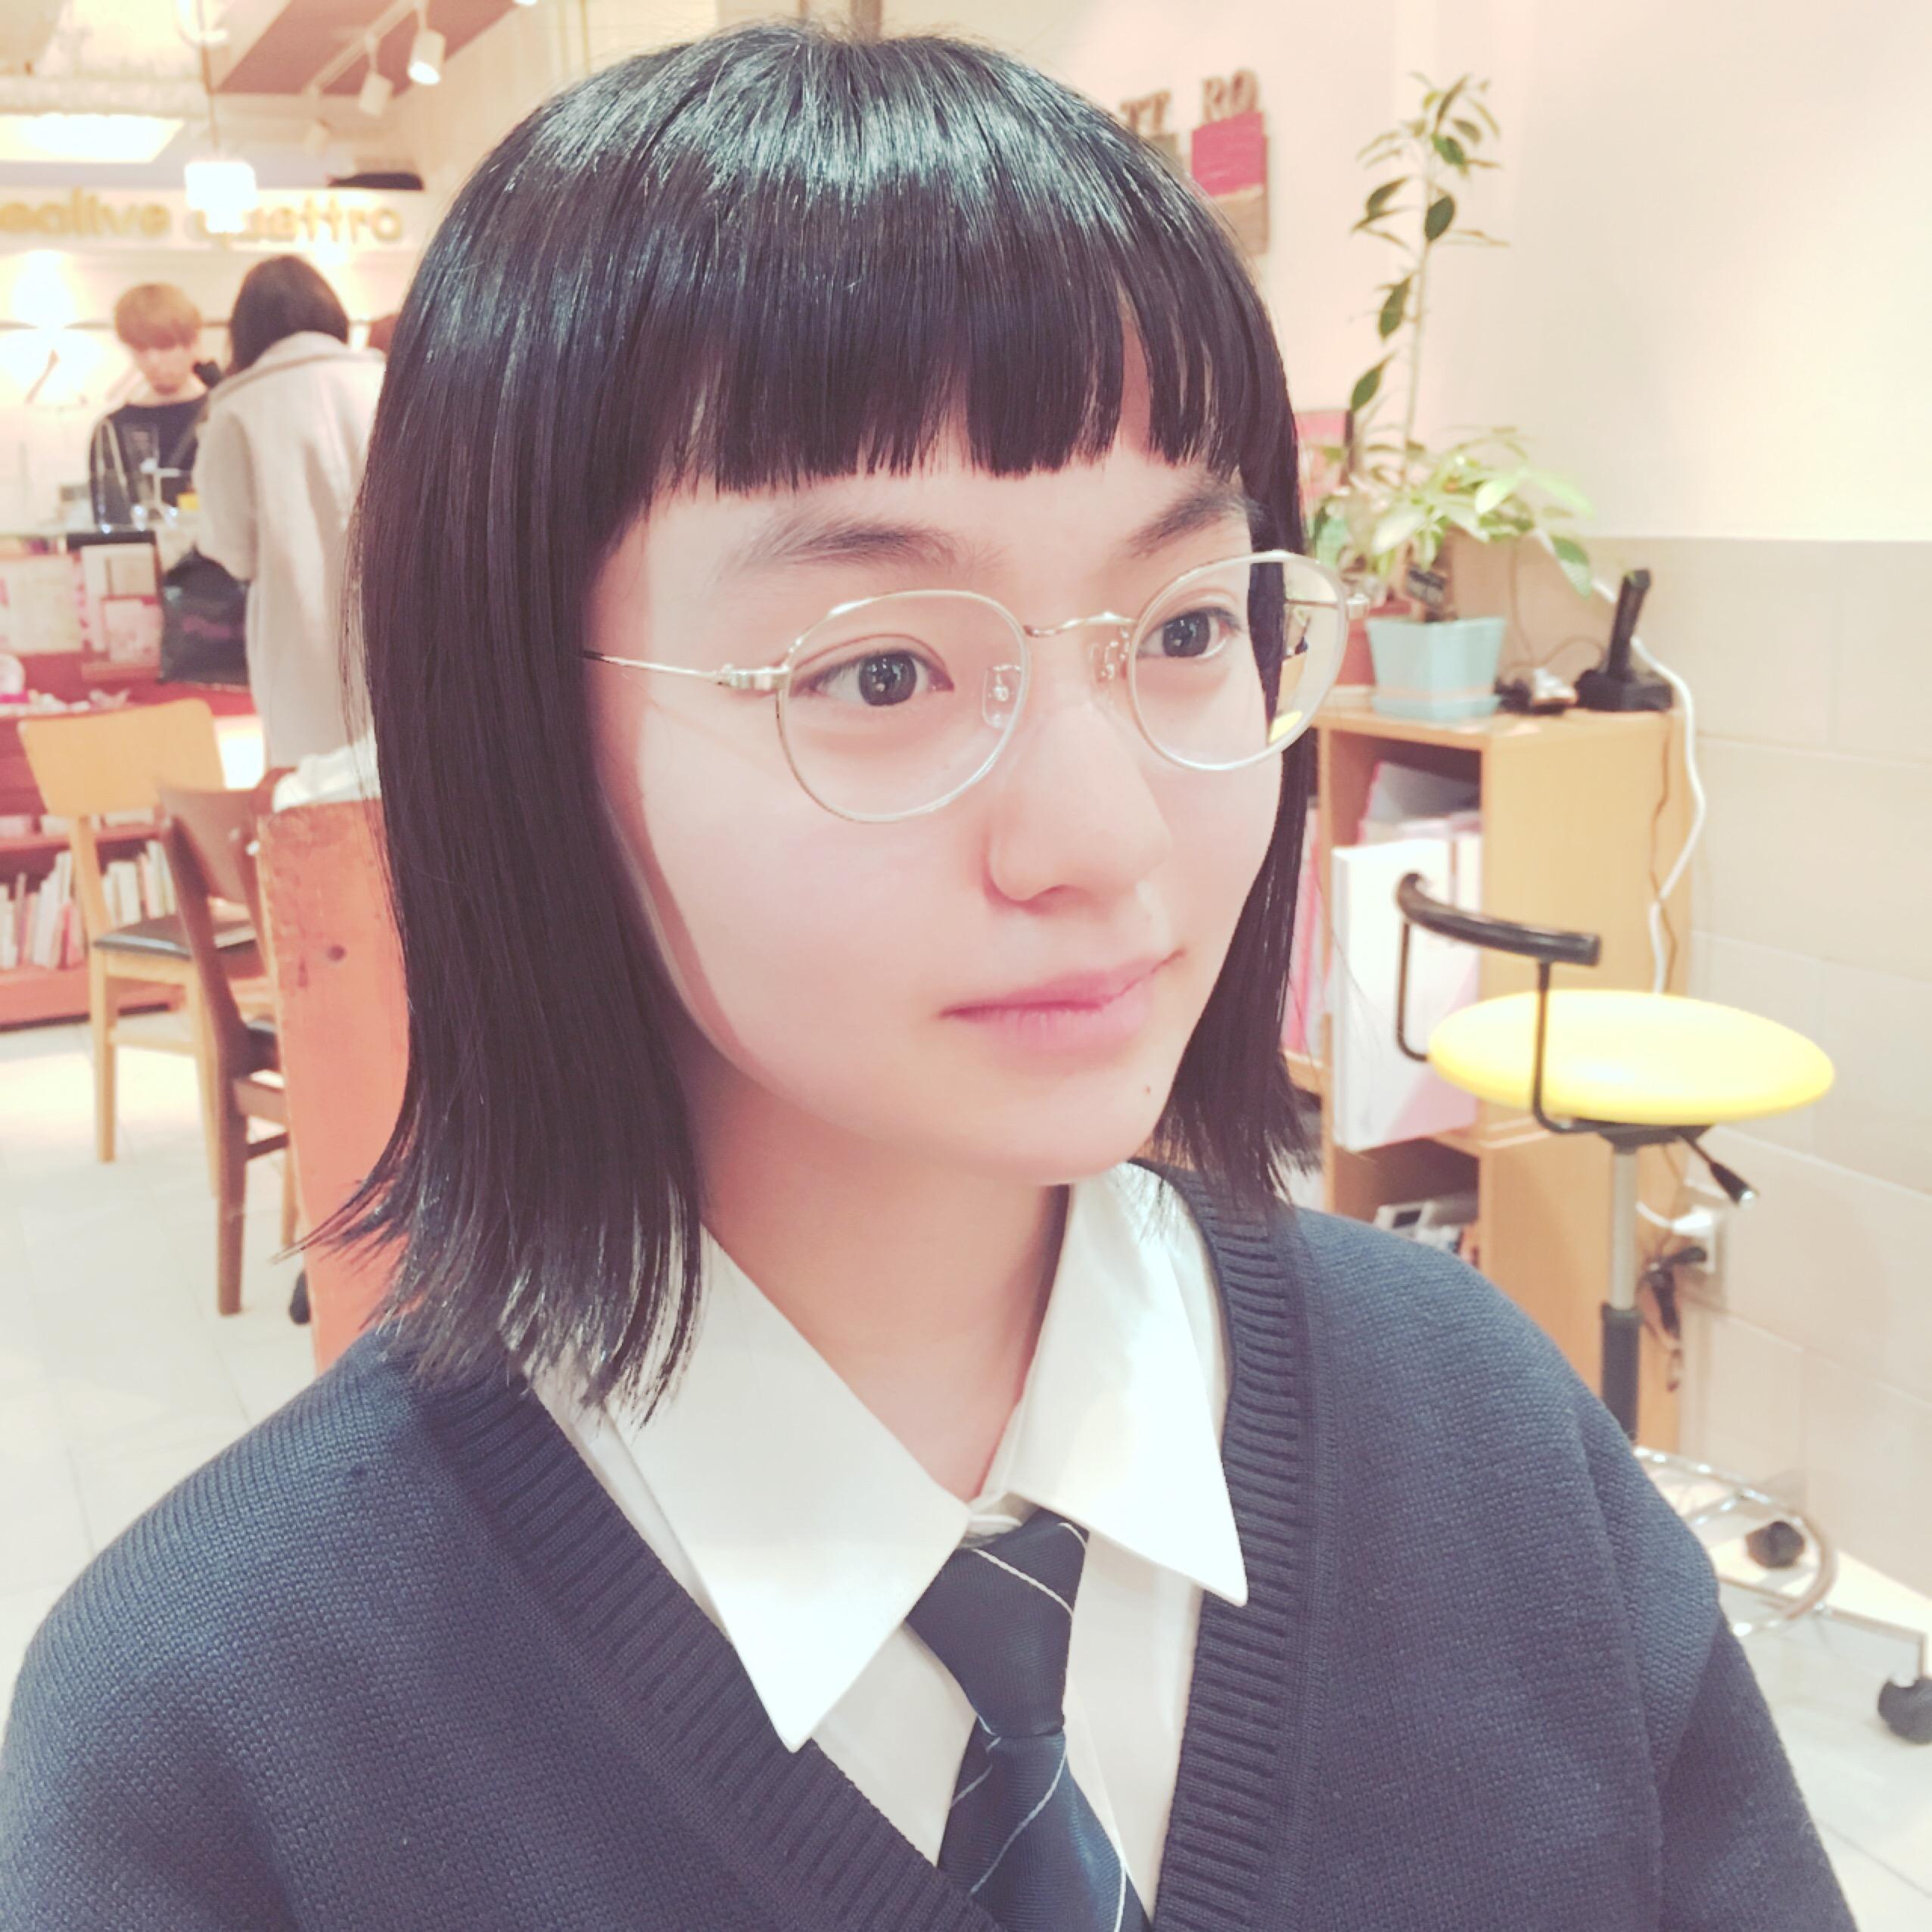 かわいいわたしのお客様!卒業式 袴 受付中   【横浜 美容室 ...